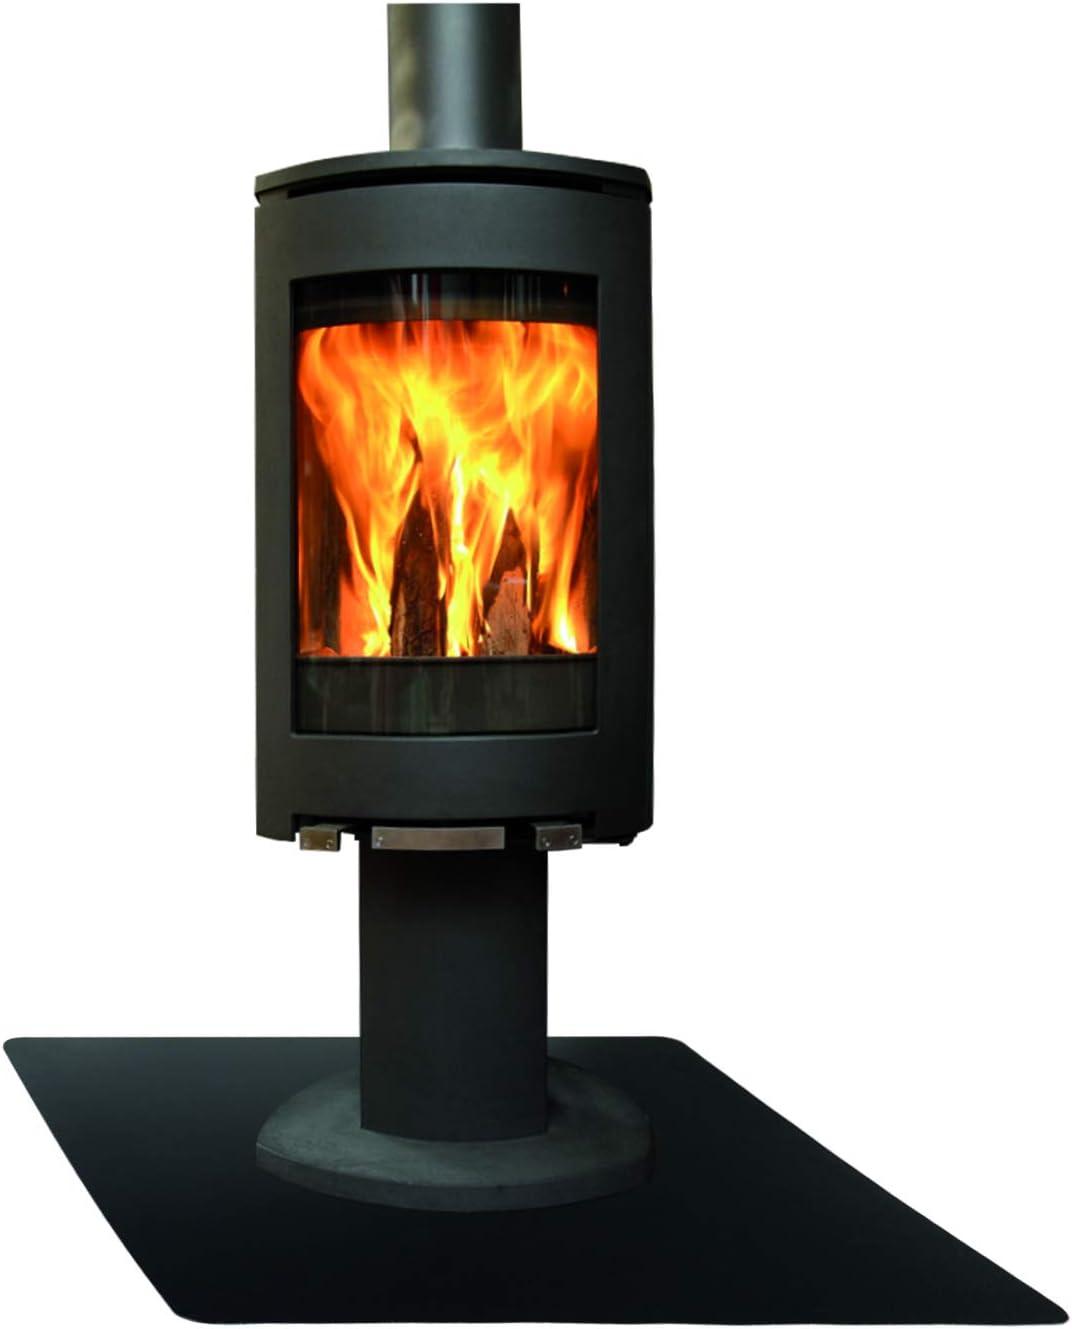 Plaque de sol de cheminée en acier noir